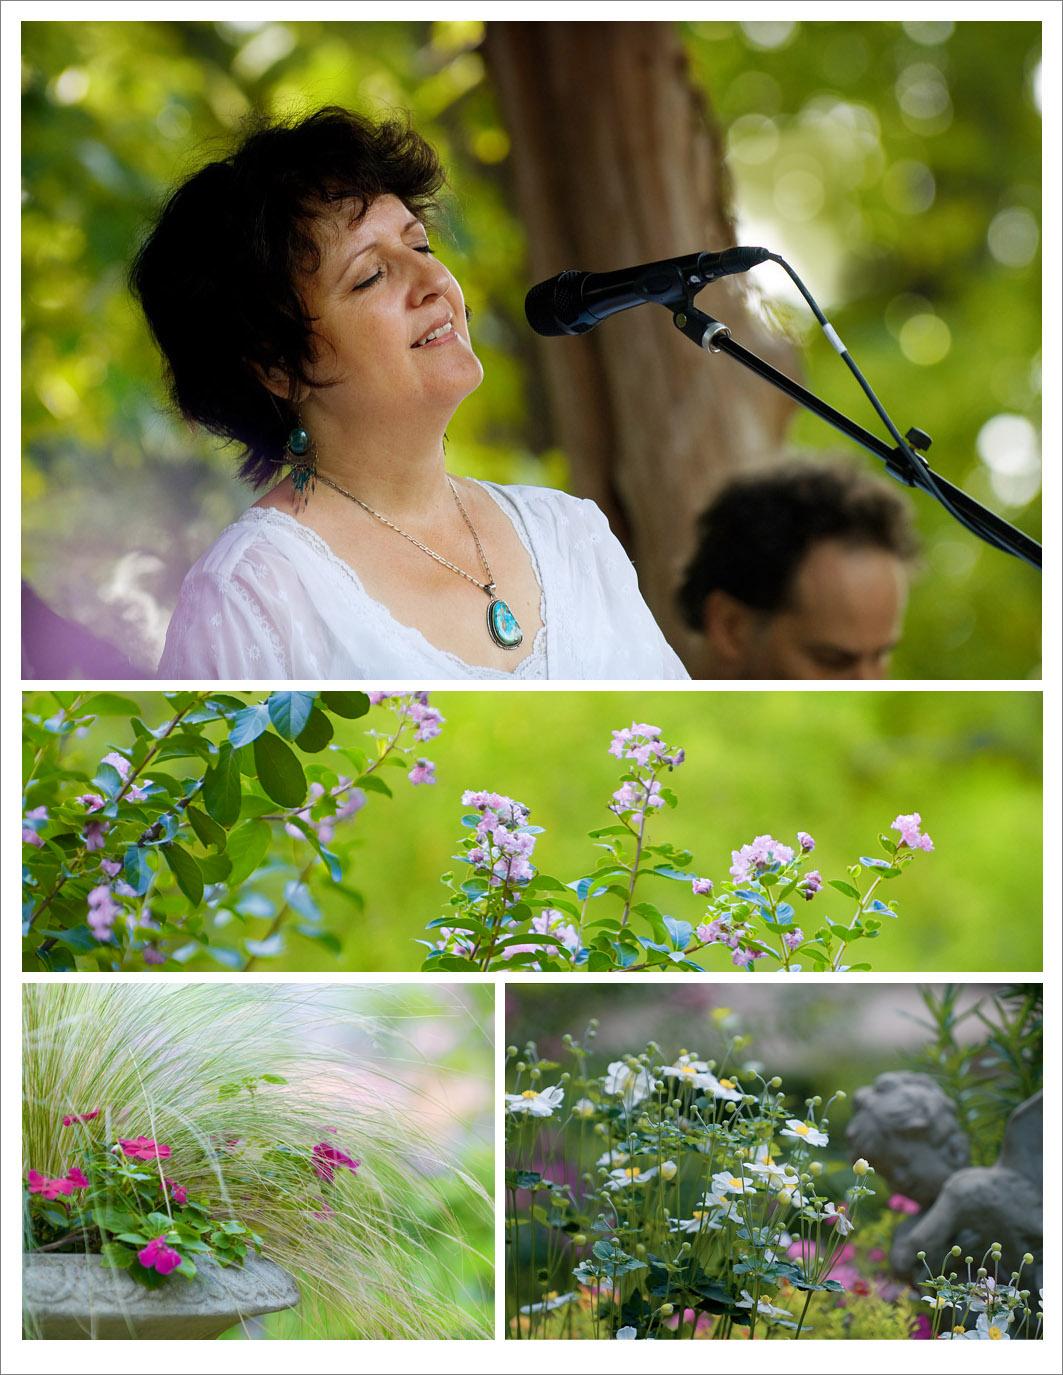 Kelley Hunt at the Bartlett Arboretum